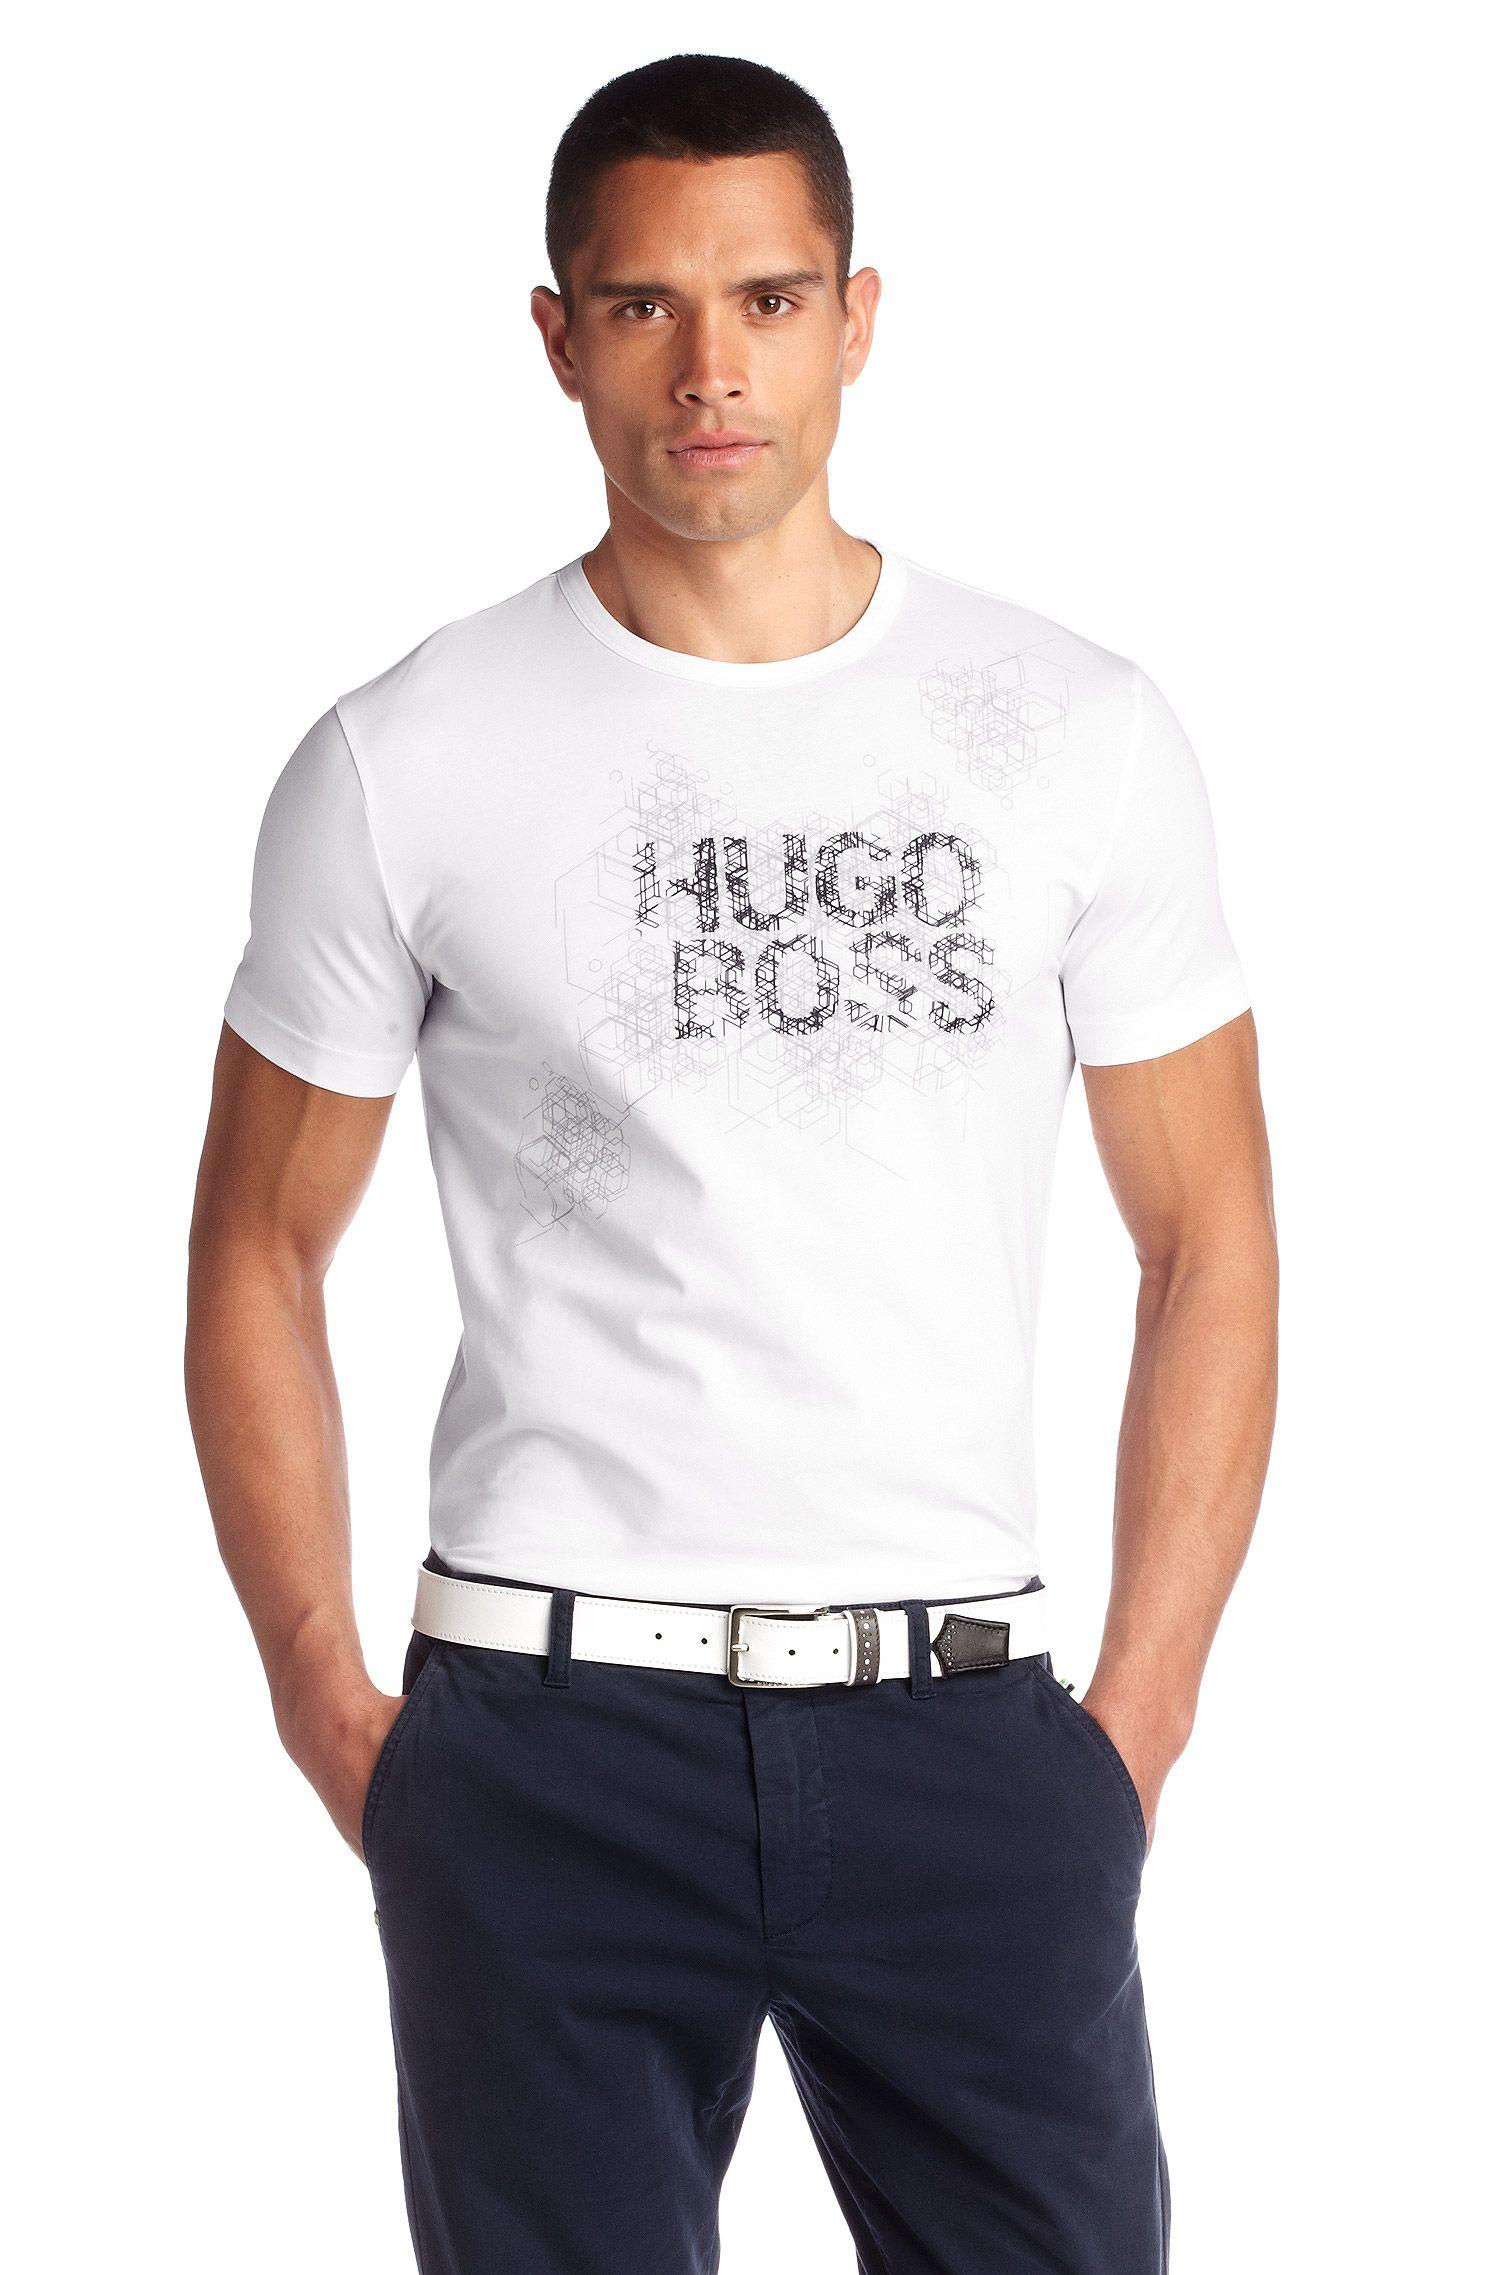 T-Shirt ´Tee Tech 2` mit Rundhals-Ausschnitt